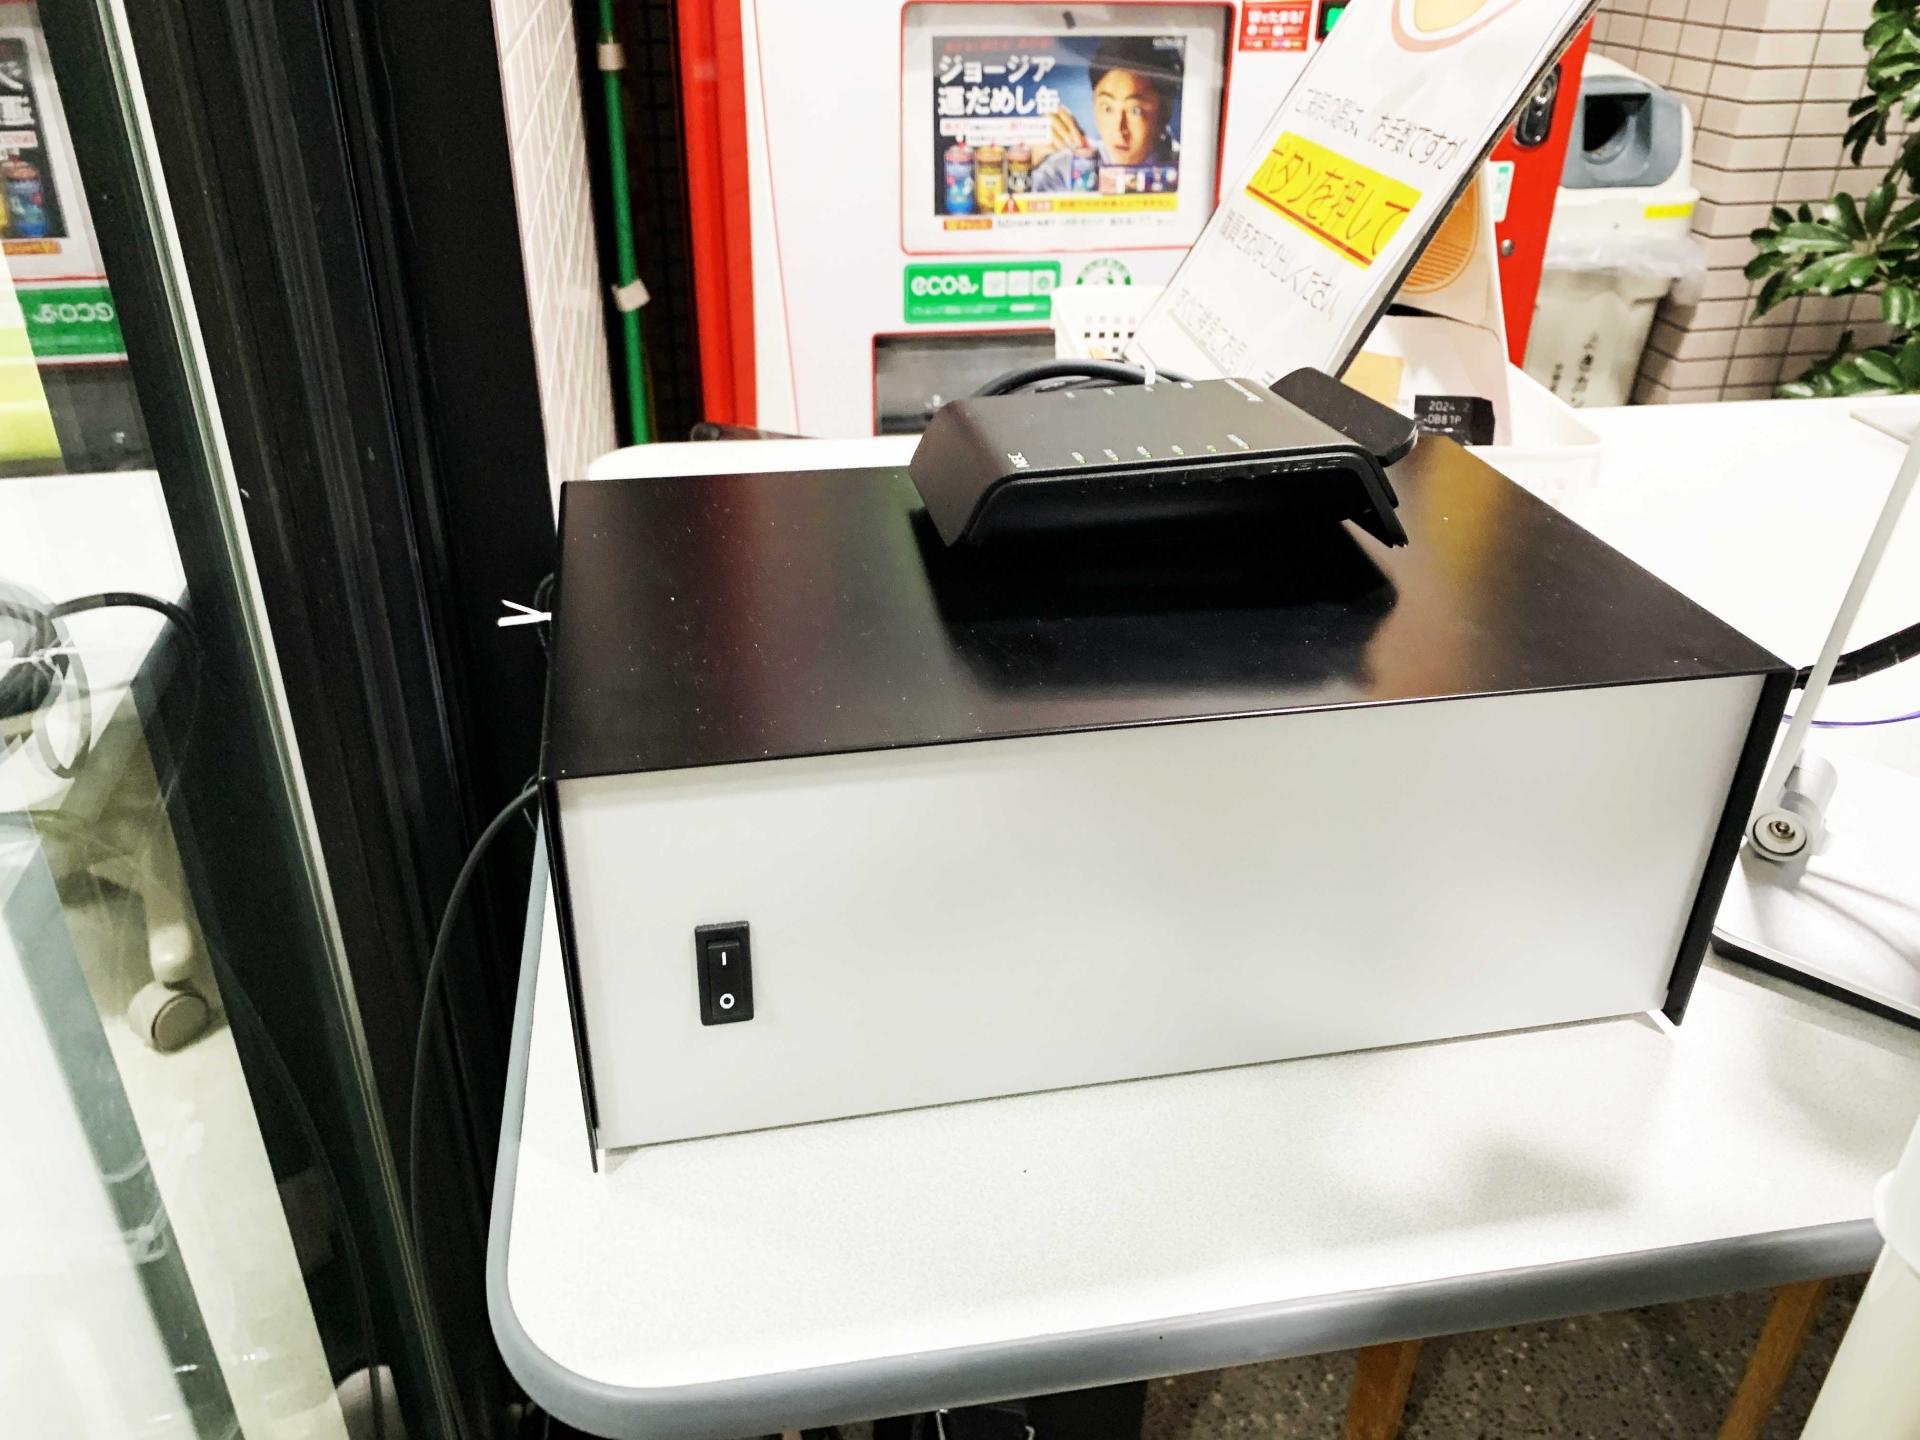 【金子病院様】導入 自動ドア制御型タブレット型無線LAN卓上タイプ